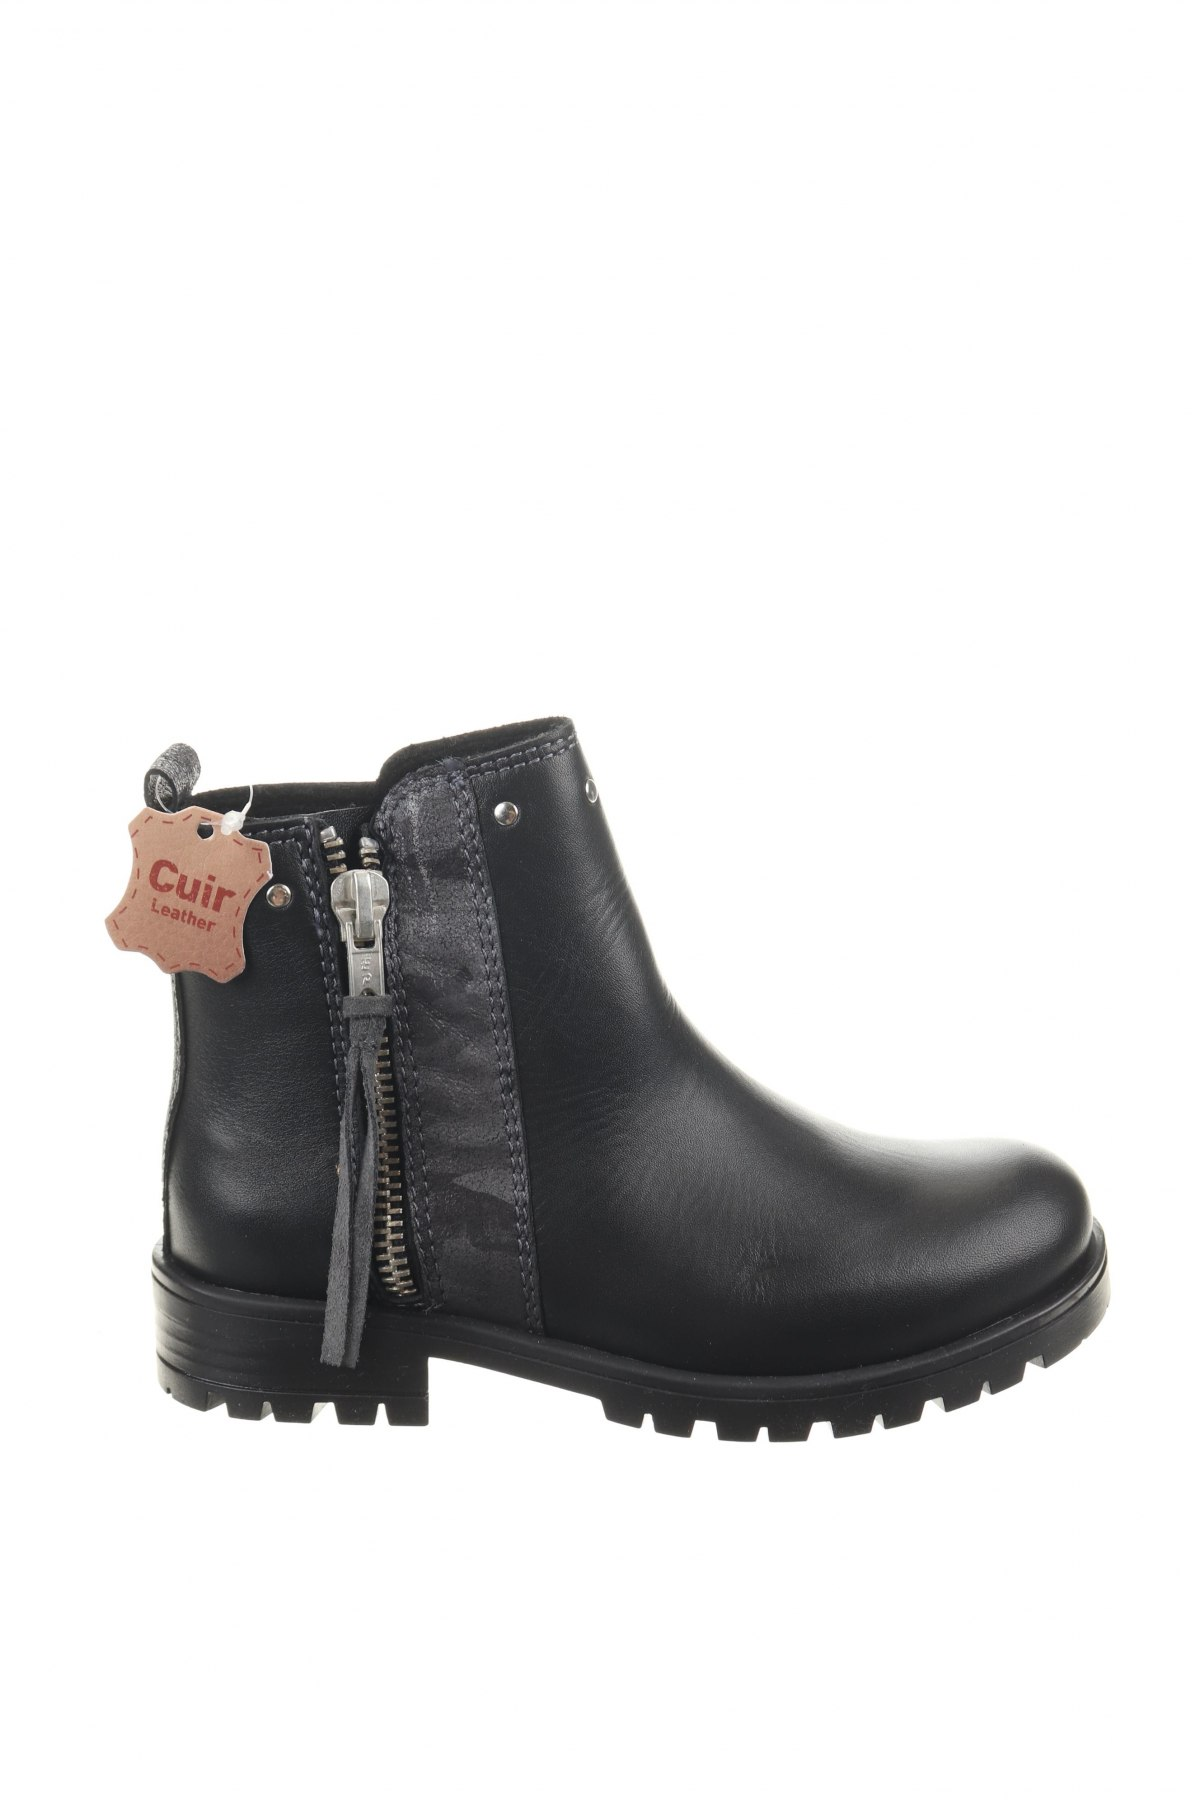 Παιδικά παπούτσια Saxo Blues, Μέγεθος 28, Χρώμα Μαύρο, Γνήσιο δέρμα, Τιμή 10,39€